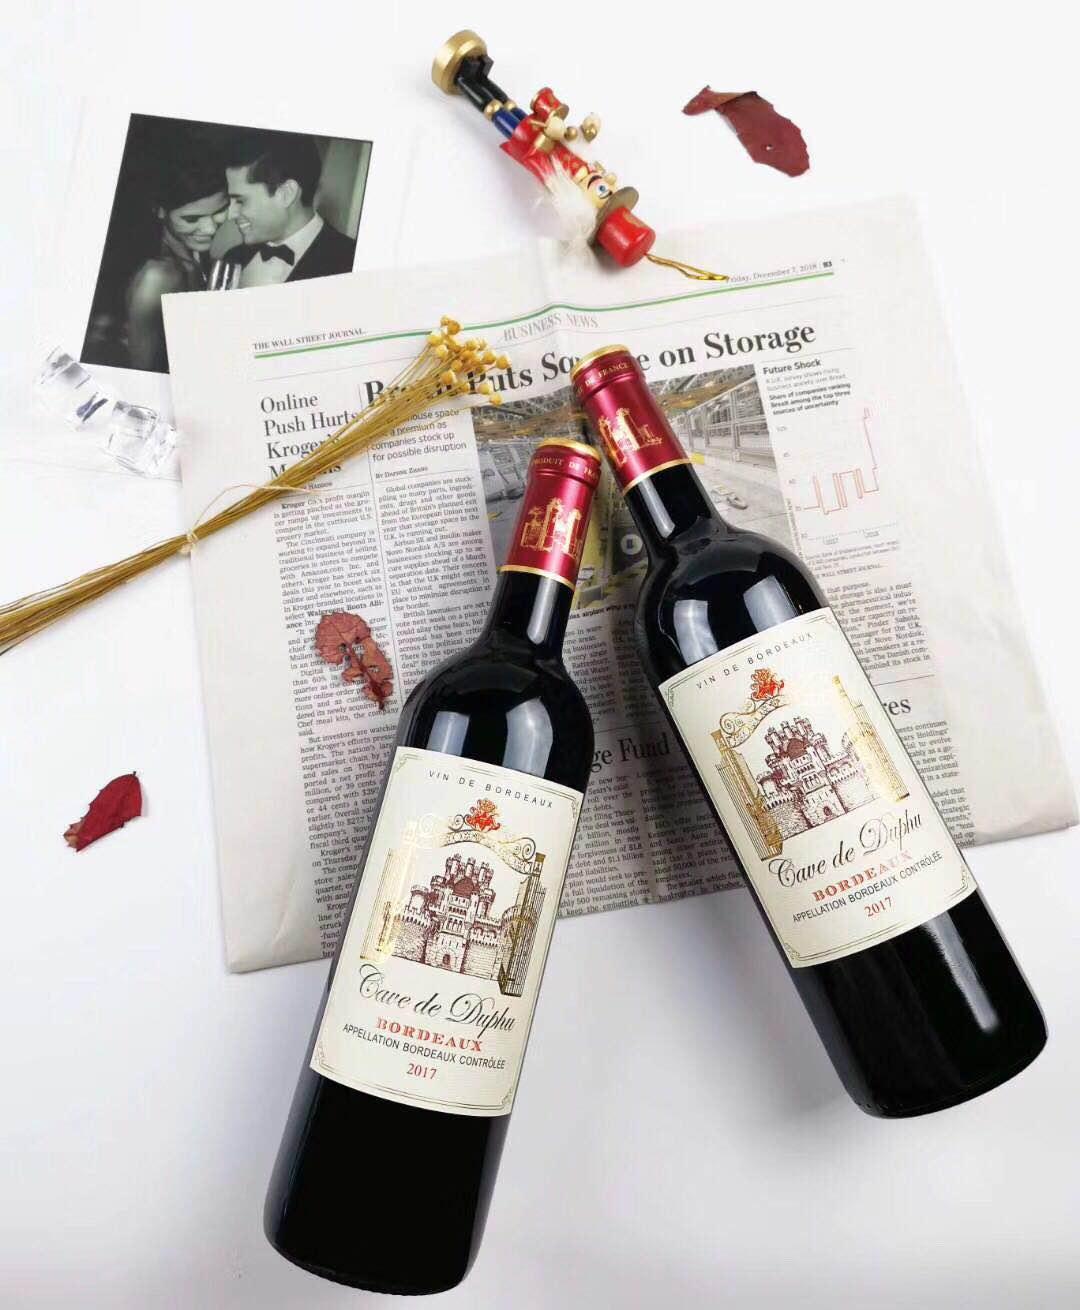 四川红酒-怎样鉴别葡萄酒的真假-红酒世界网红酒世界网